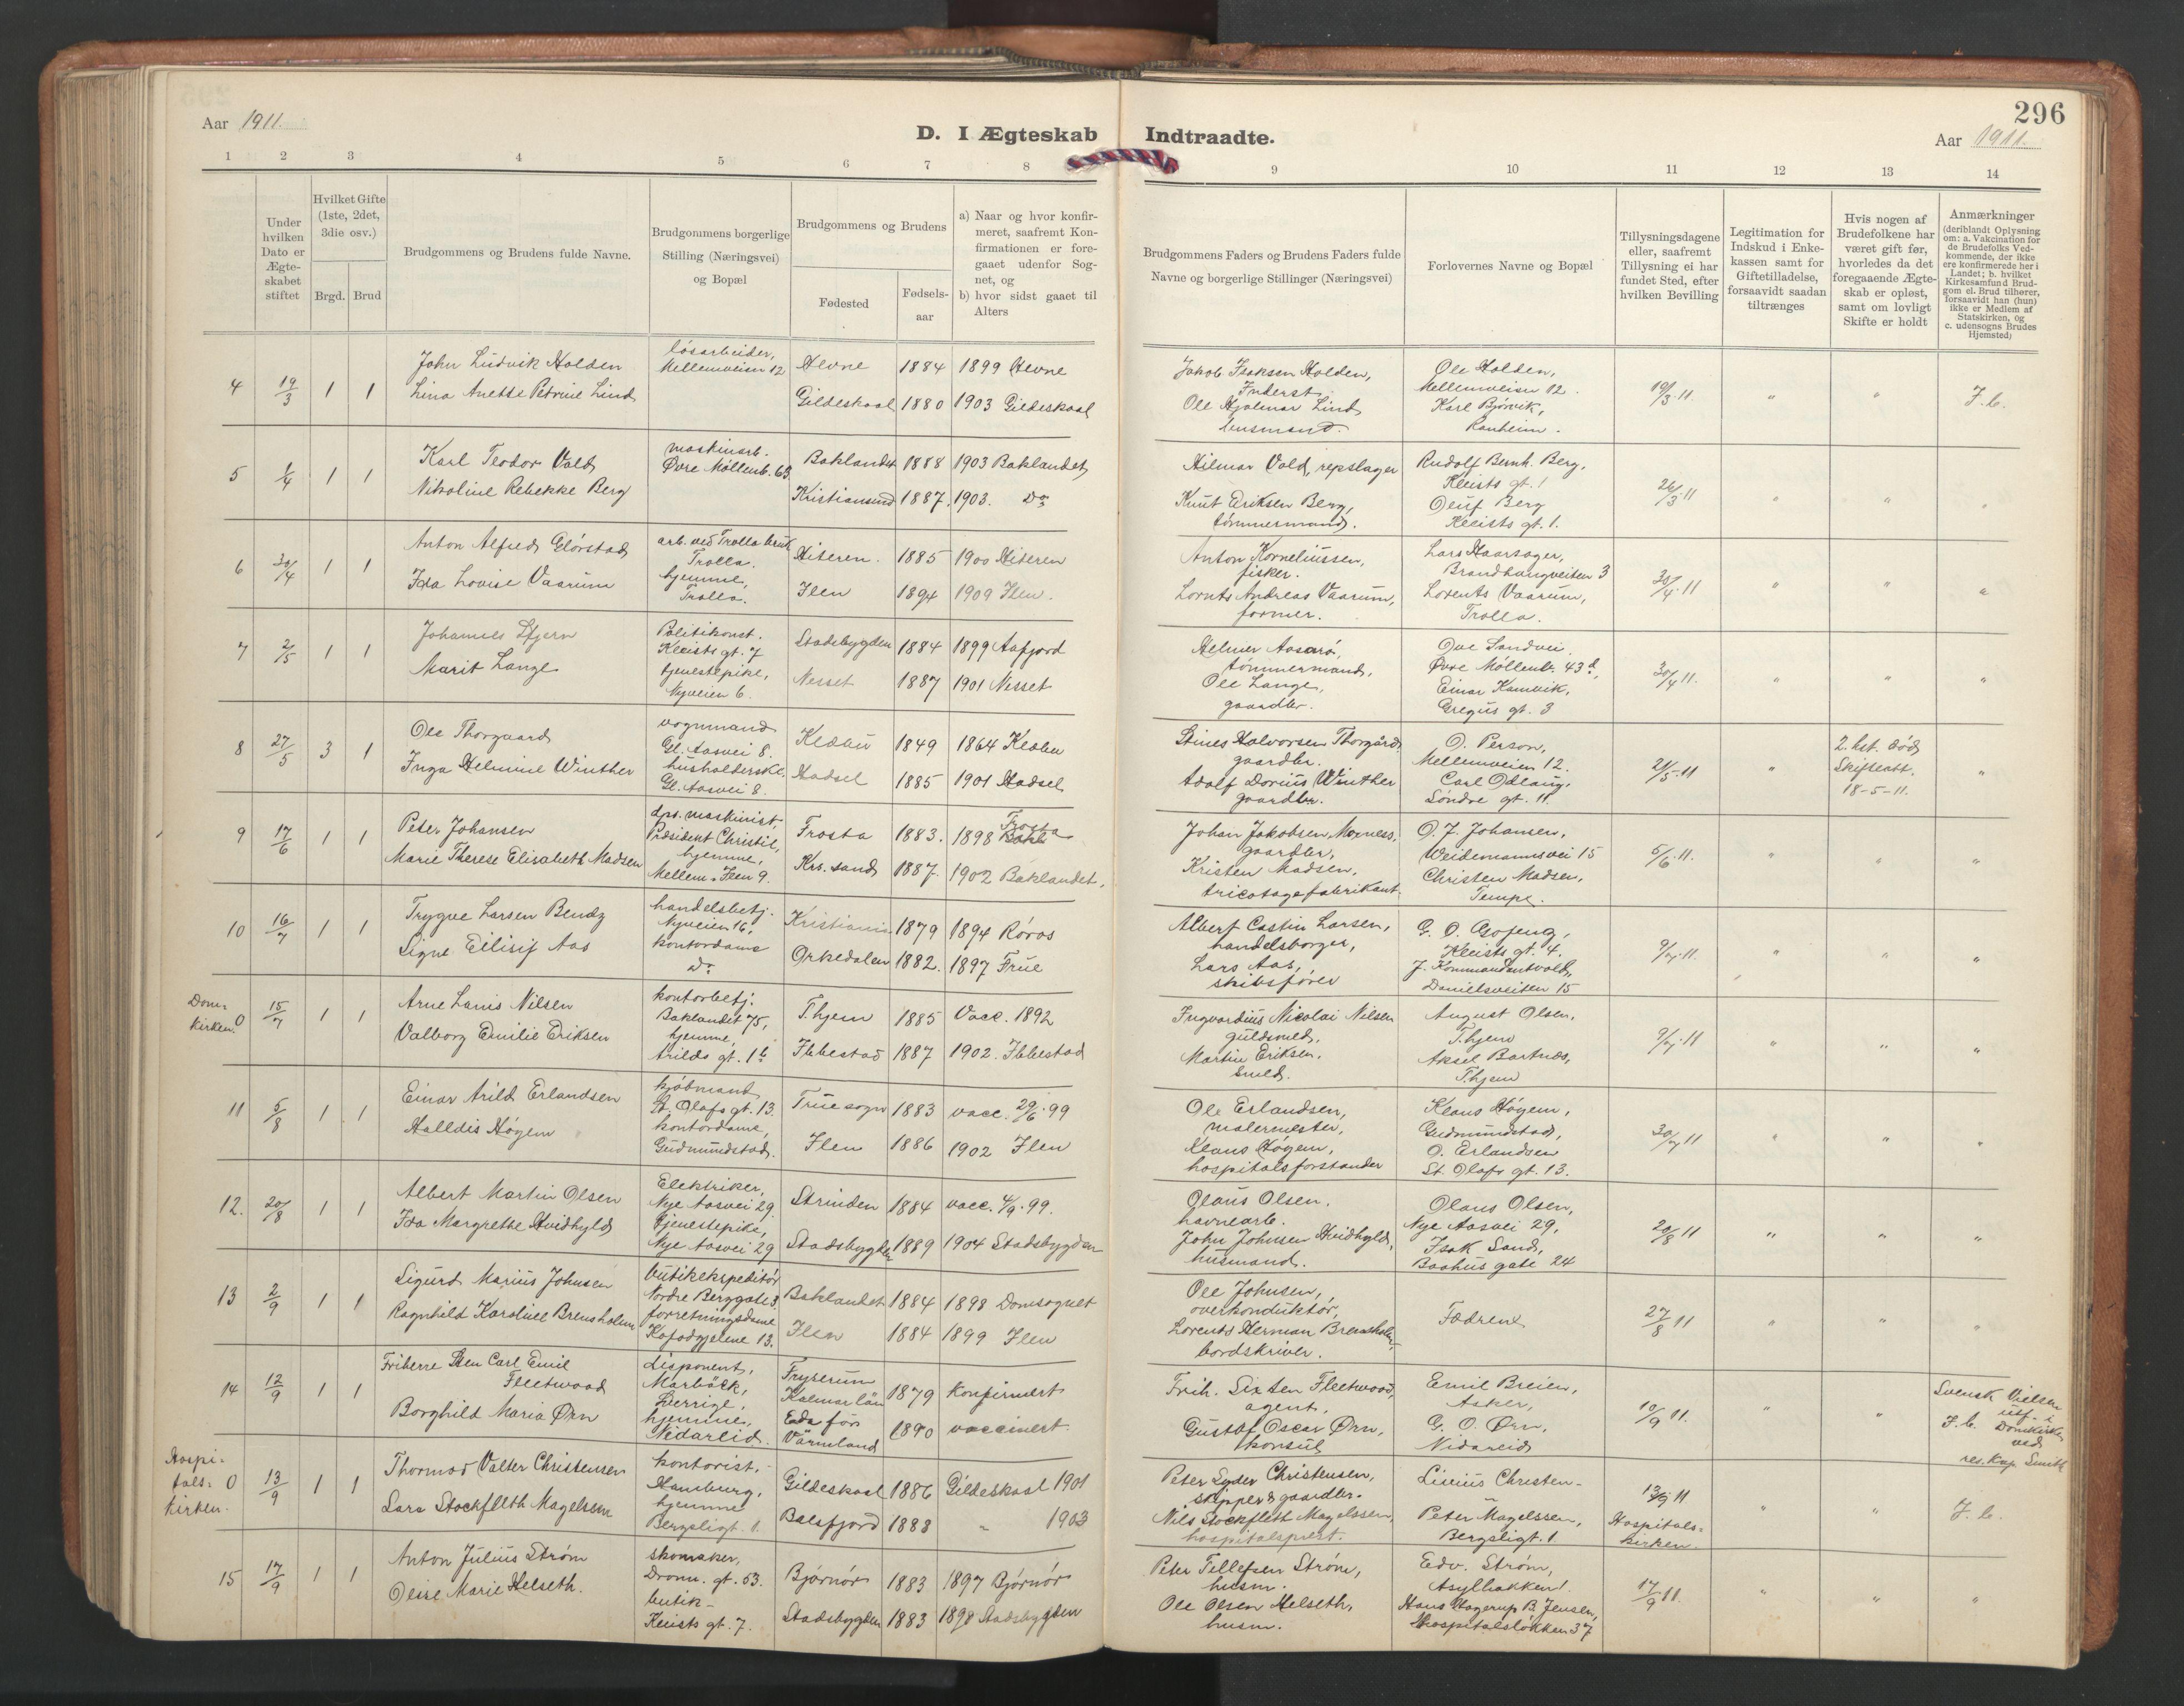 SAT, Ministerialprotokoller, klokkerbøker og fødselsregistre - Sør-Trøndelag, 603/L0173: Klokkerbok nr. 603C01, 1907-1962, s. 296